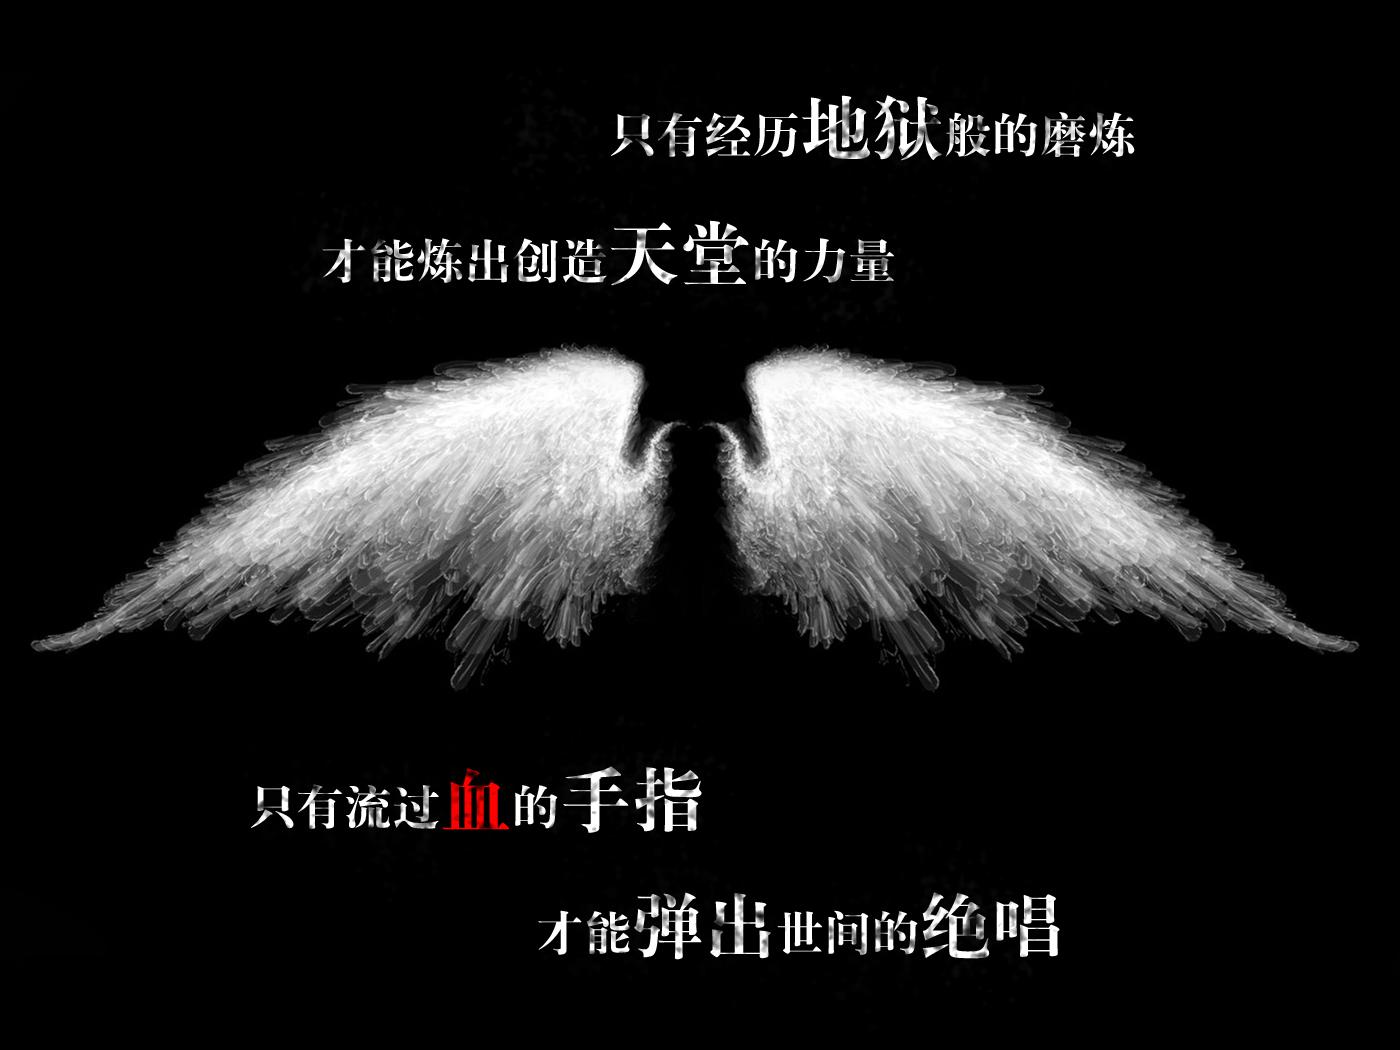 ... 证号申请个人Jaccount账号了_上海交通大学吧_百度贴吧